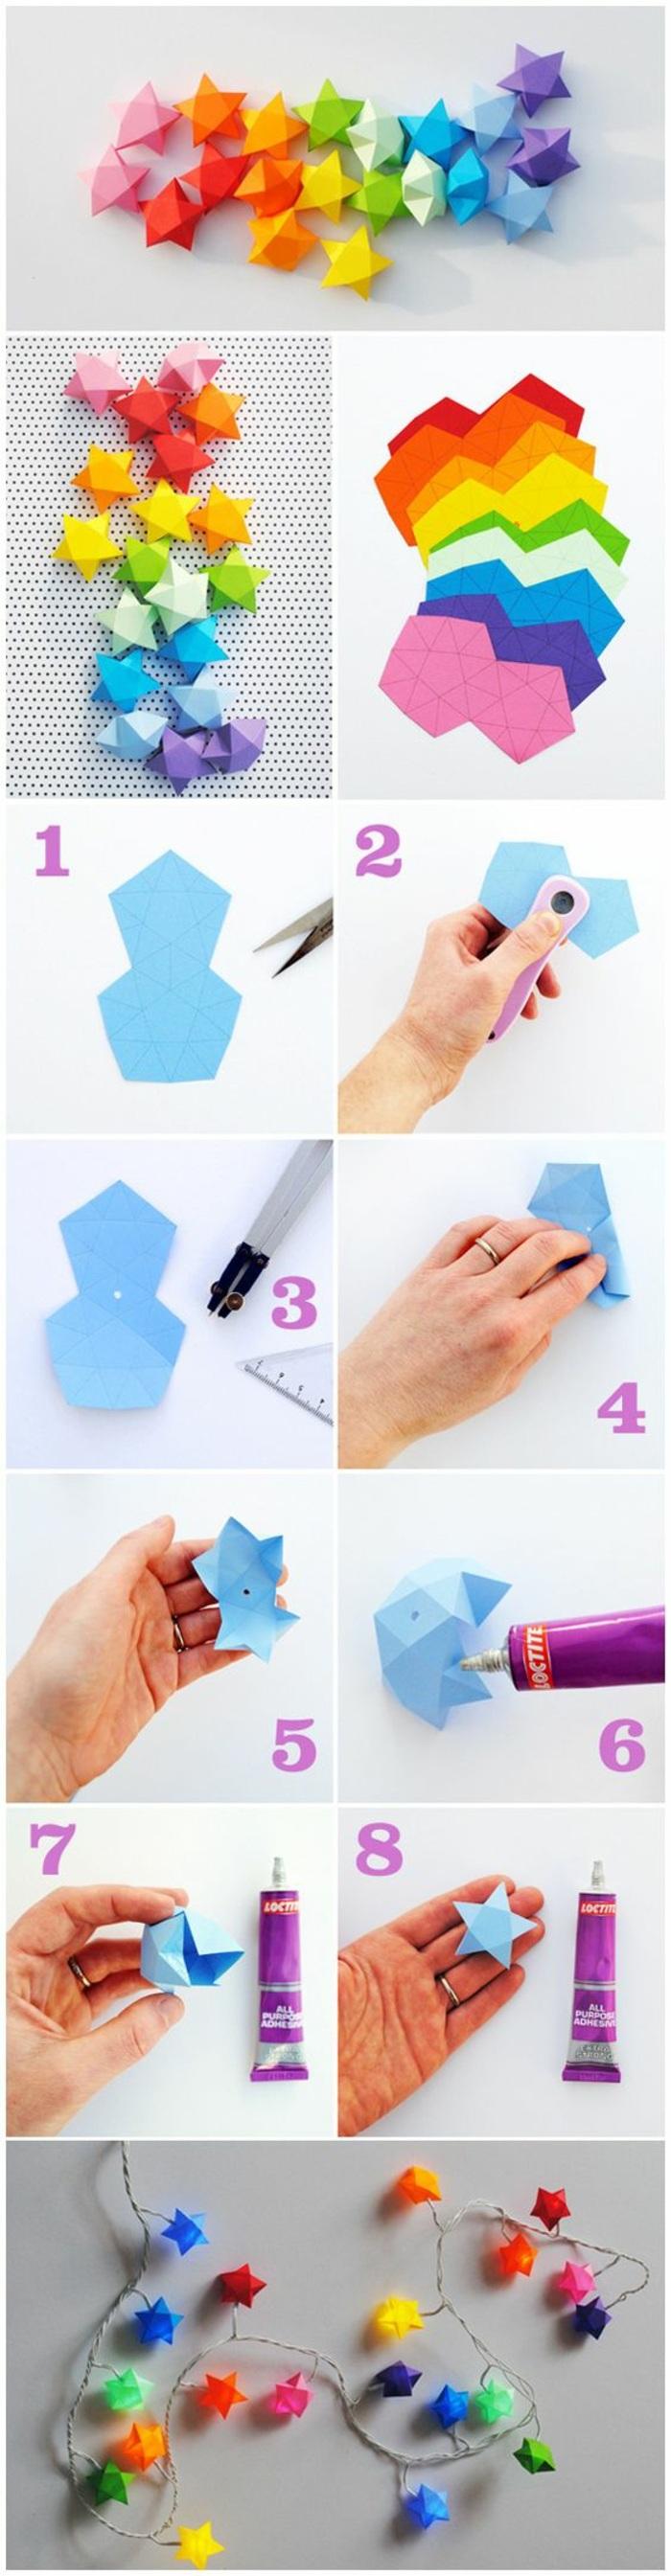 décoration murale à faire soi-même, activité manuelle facile et rapide, diy guirlande lumineuse avec étoile en papier